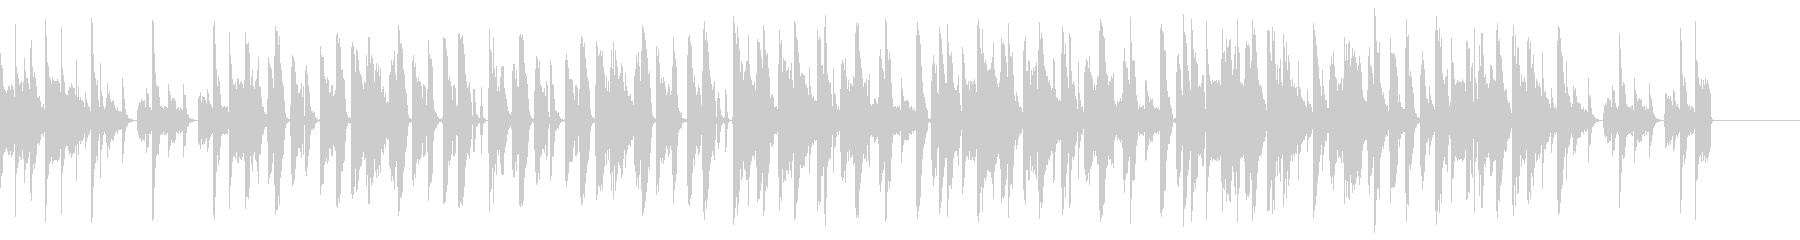 ベース、シンセパッドが印象的な曲の未再生の波形